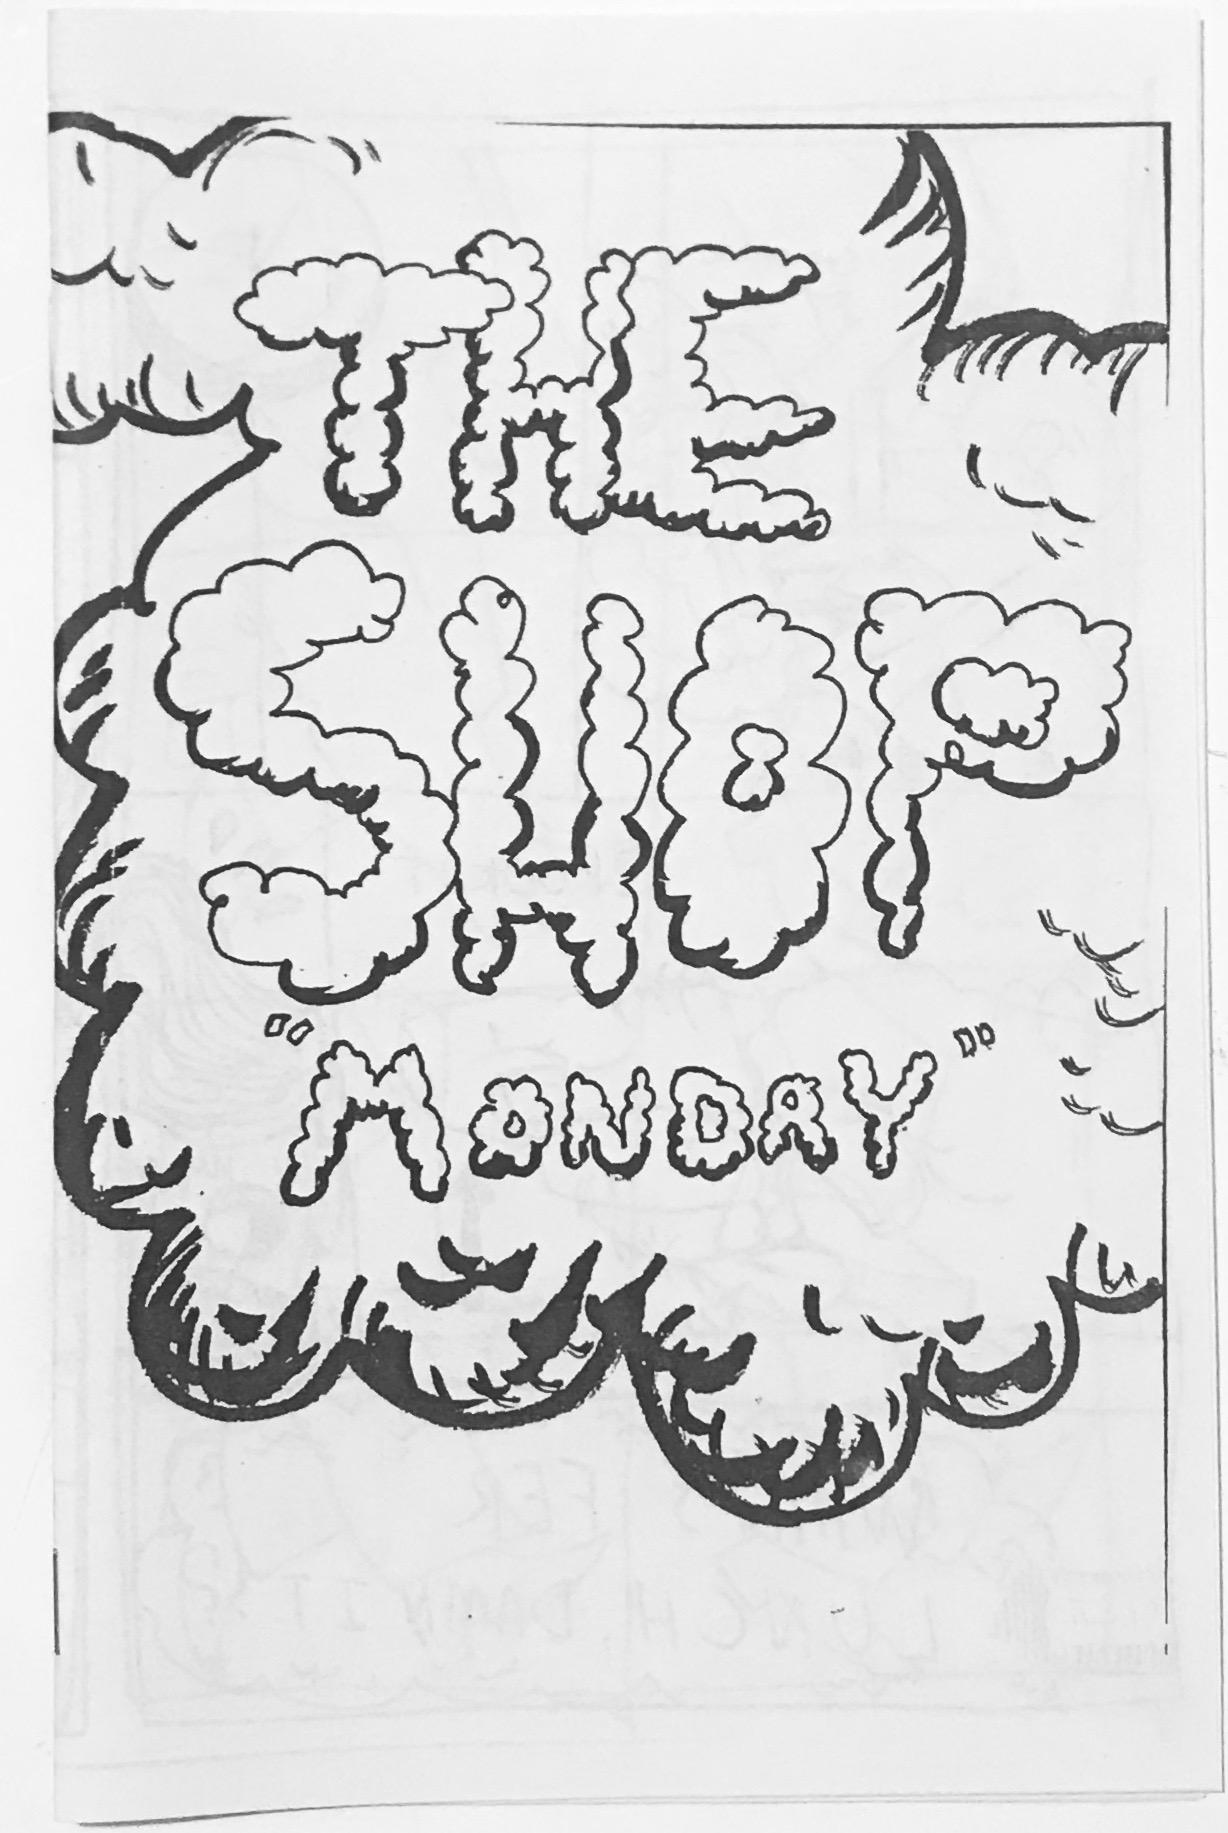 The Shop - Monday